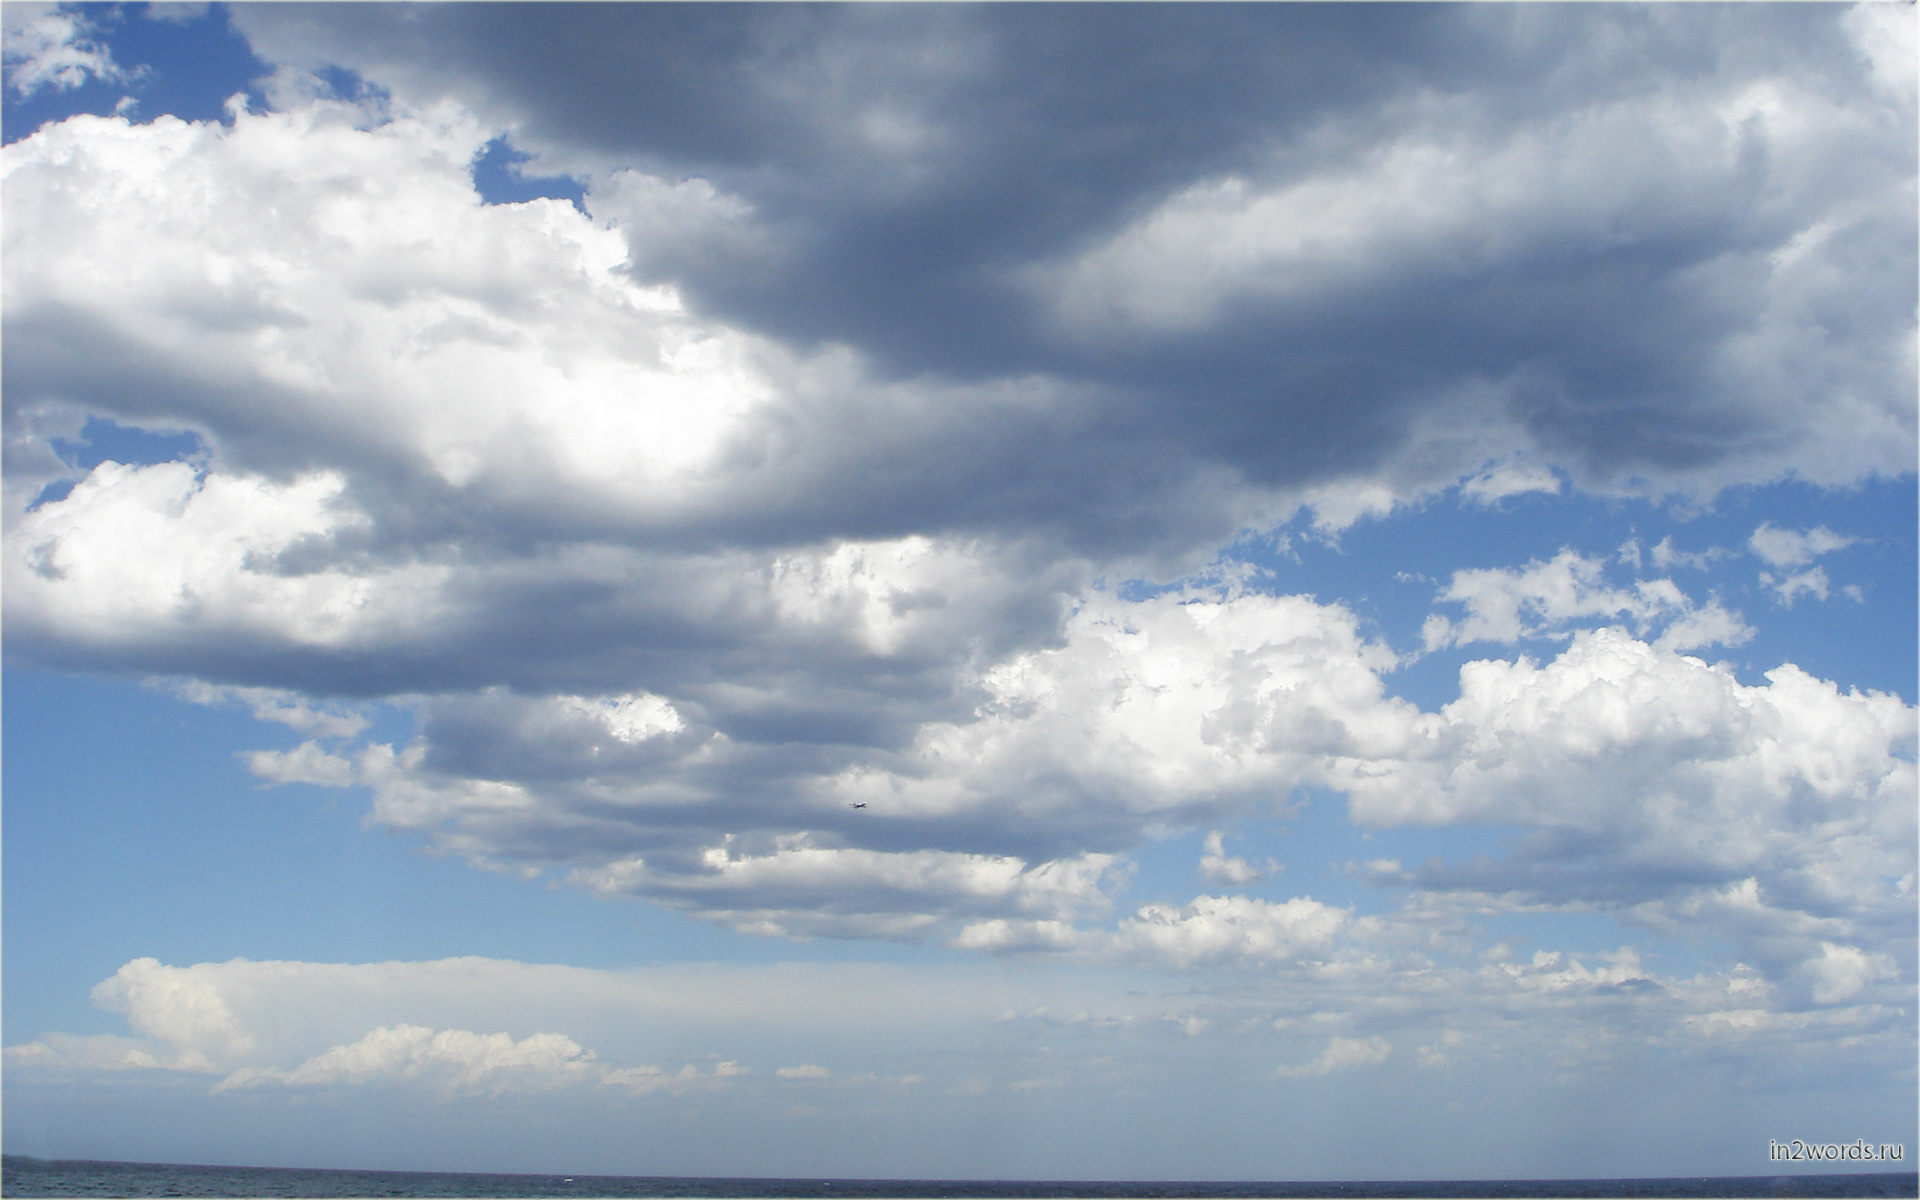 Облака в наступающей буре. Сидней, Австралия. Тихий океан.